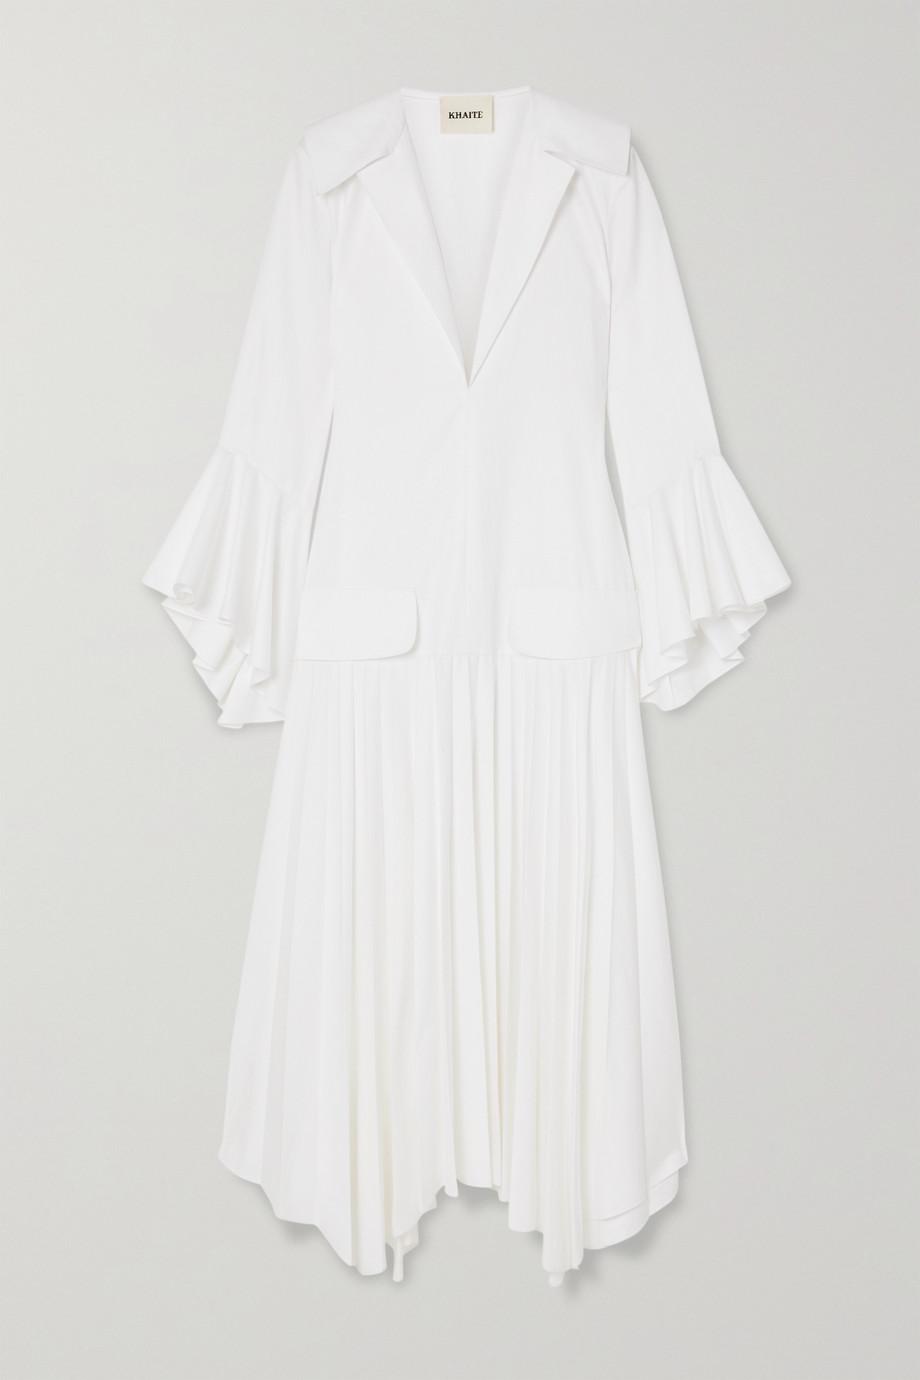 Khaite Tova asymmetric pleated cotton dress